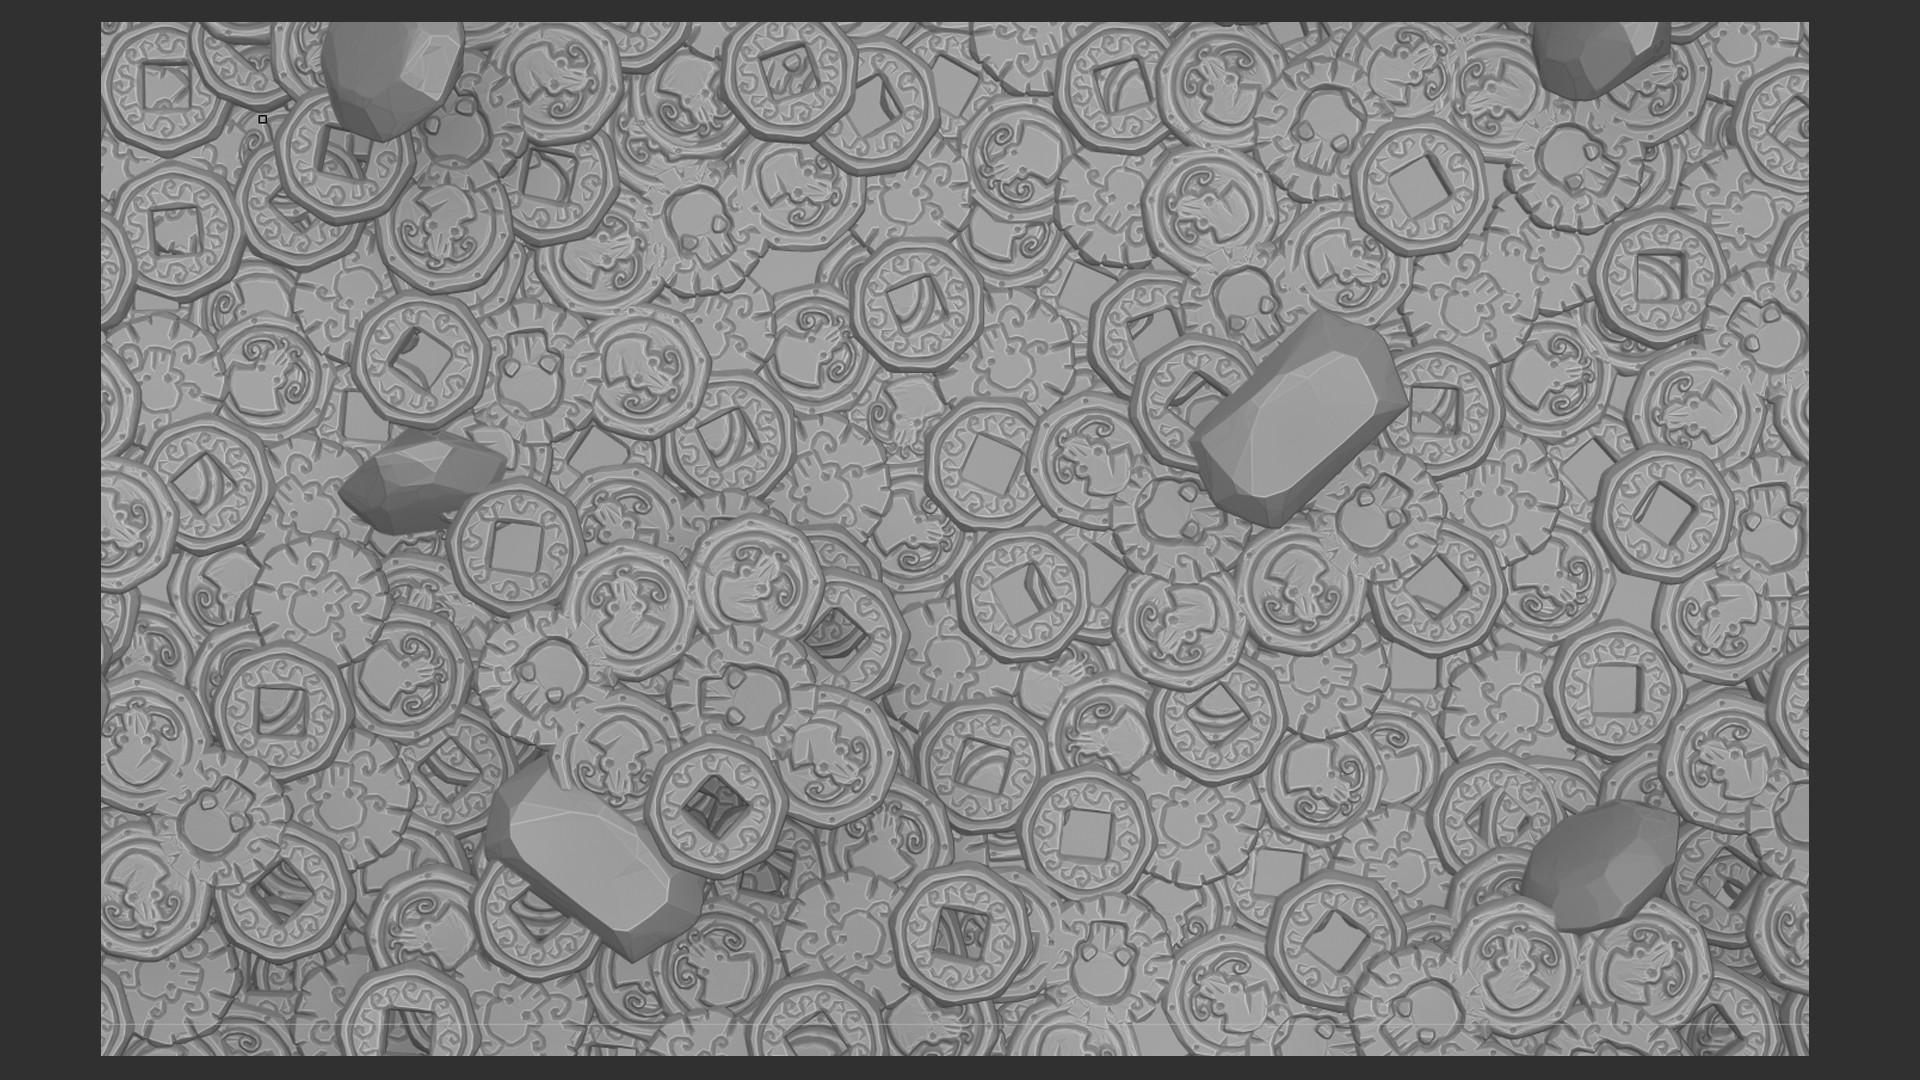 Tobias koepp coins